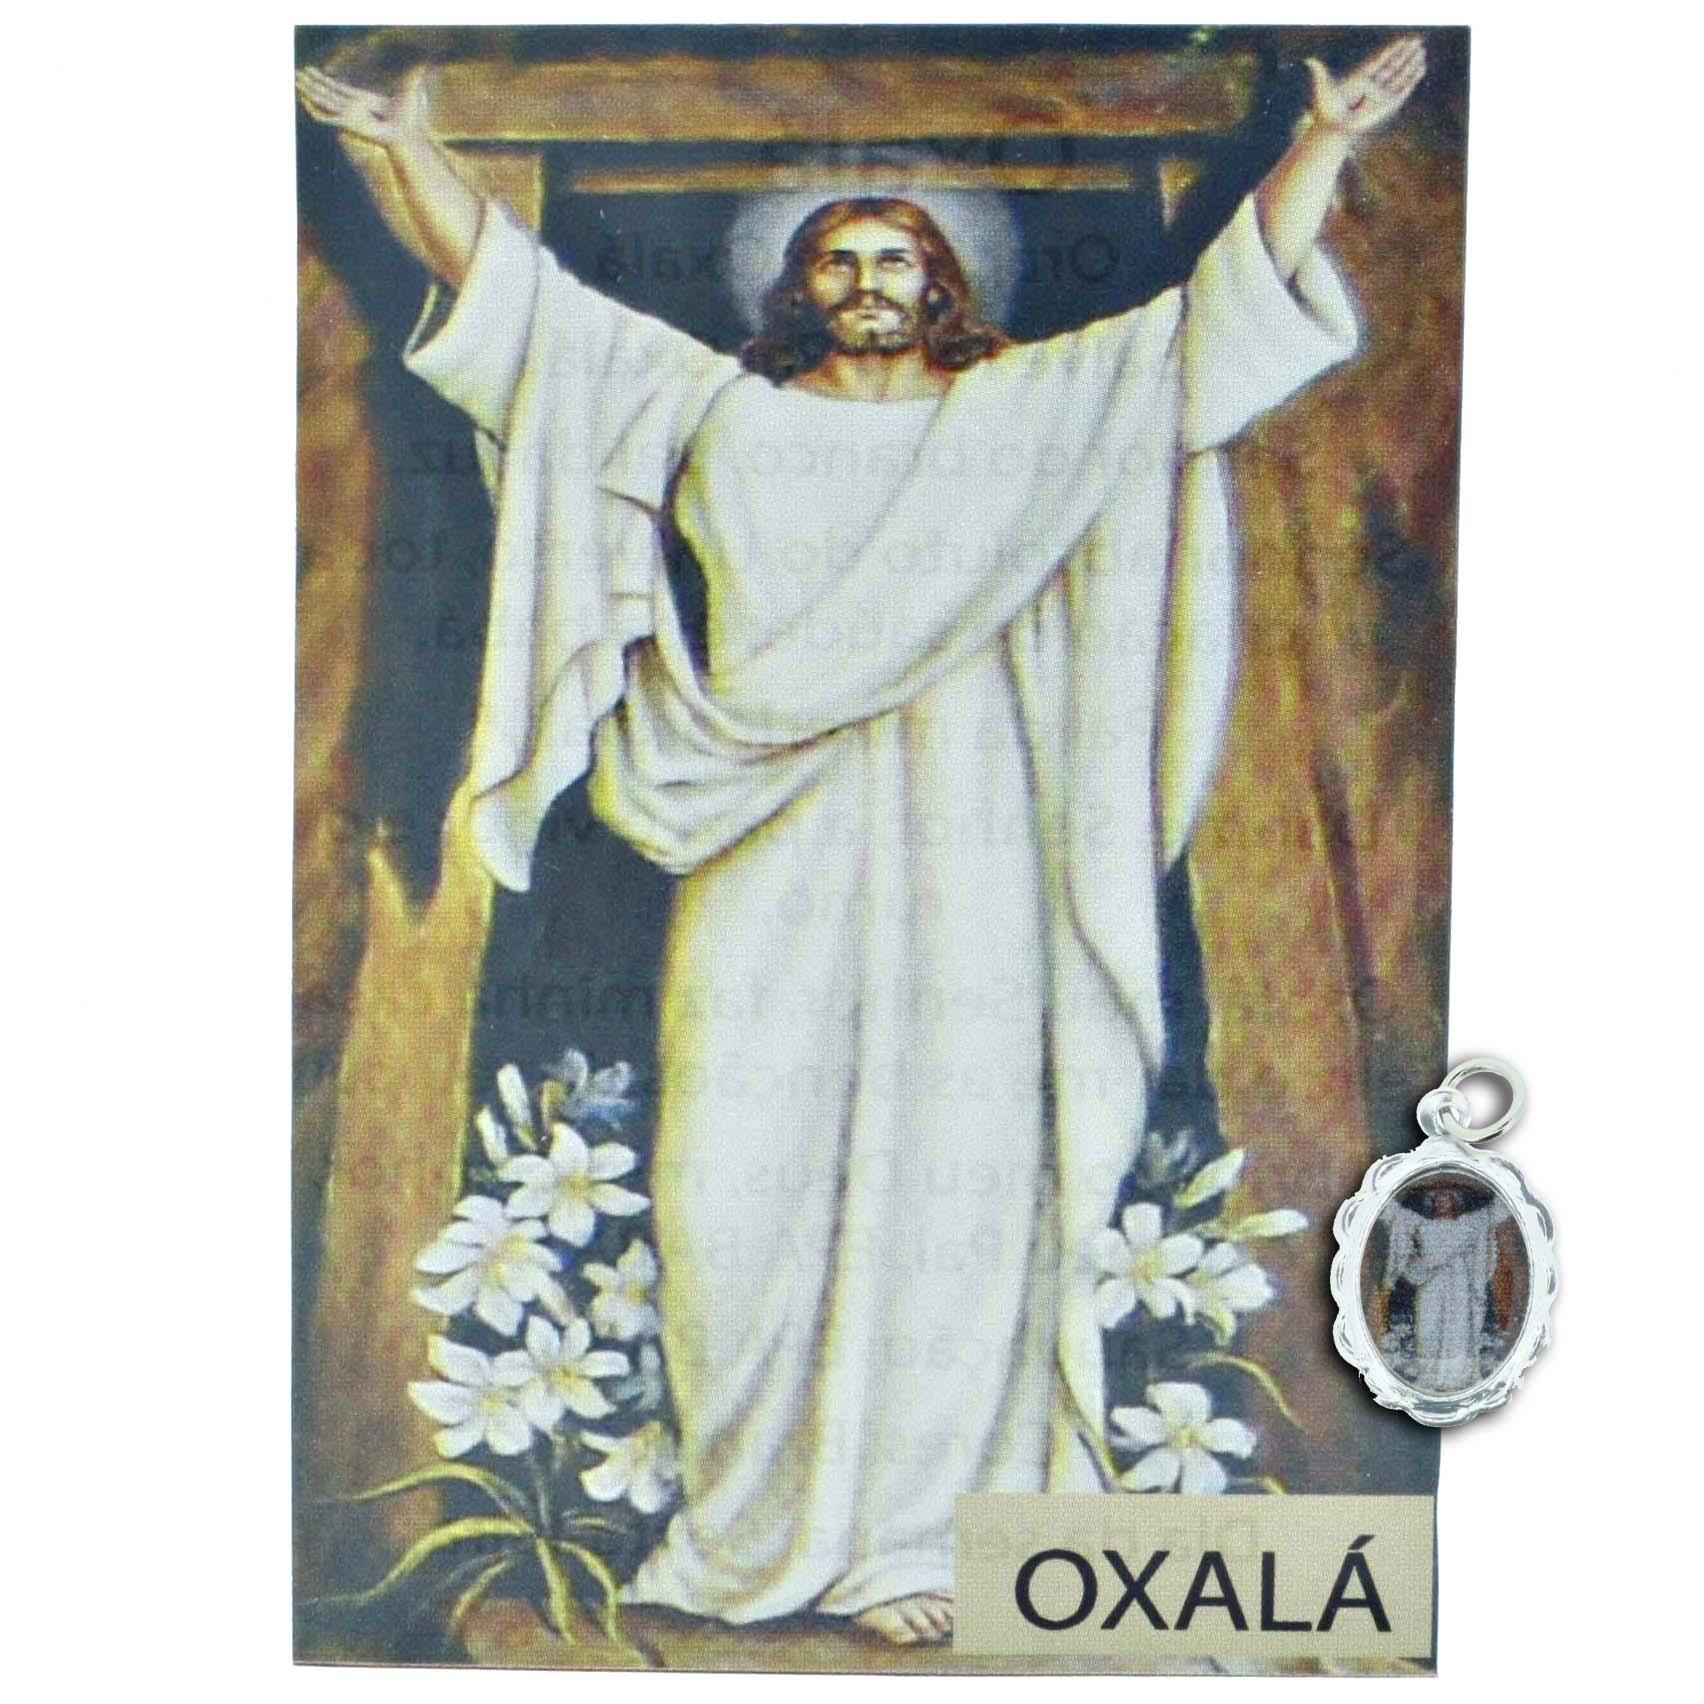 Medalha Oxalá + Folheto  - Universo Religioso® - Artigos de Umbanda e Candomblé